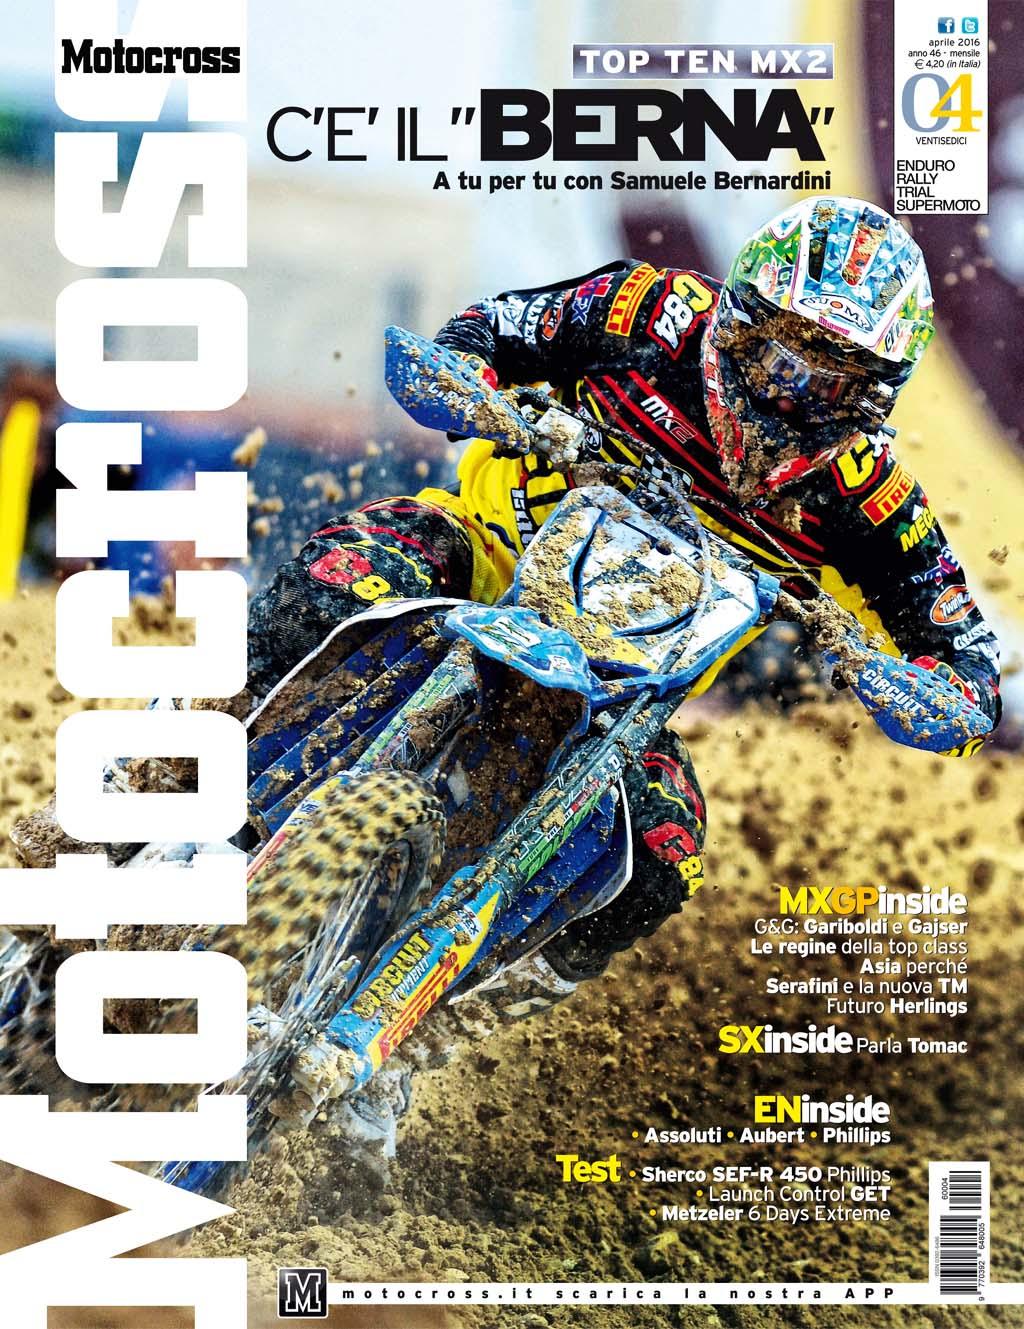 Motocross Aprile 2016